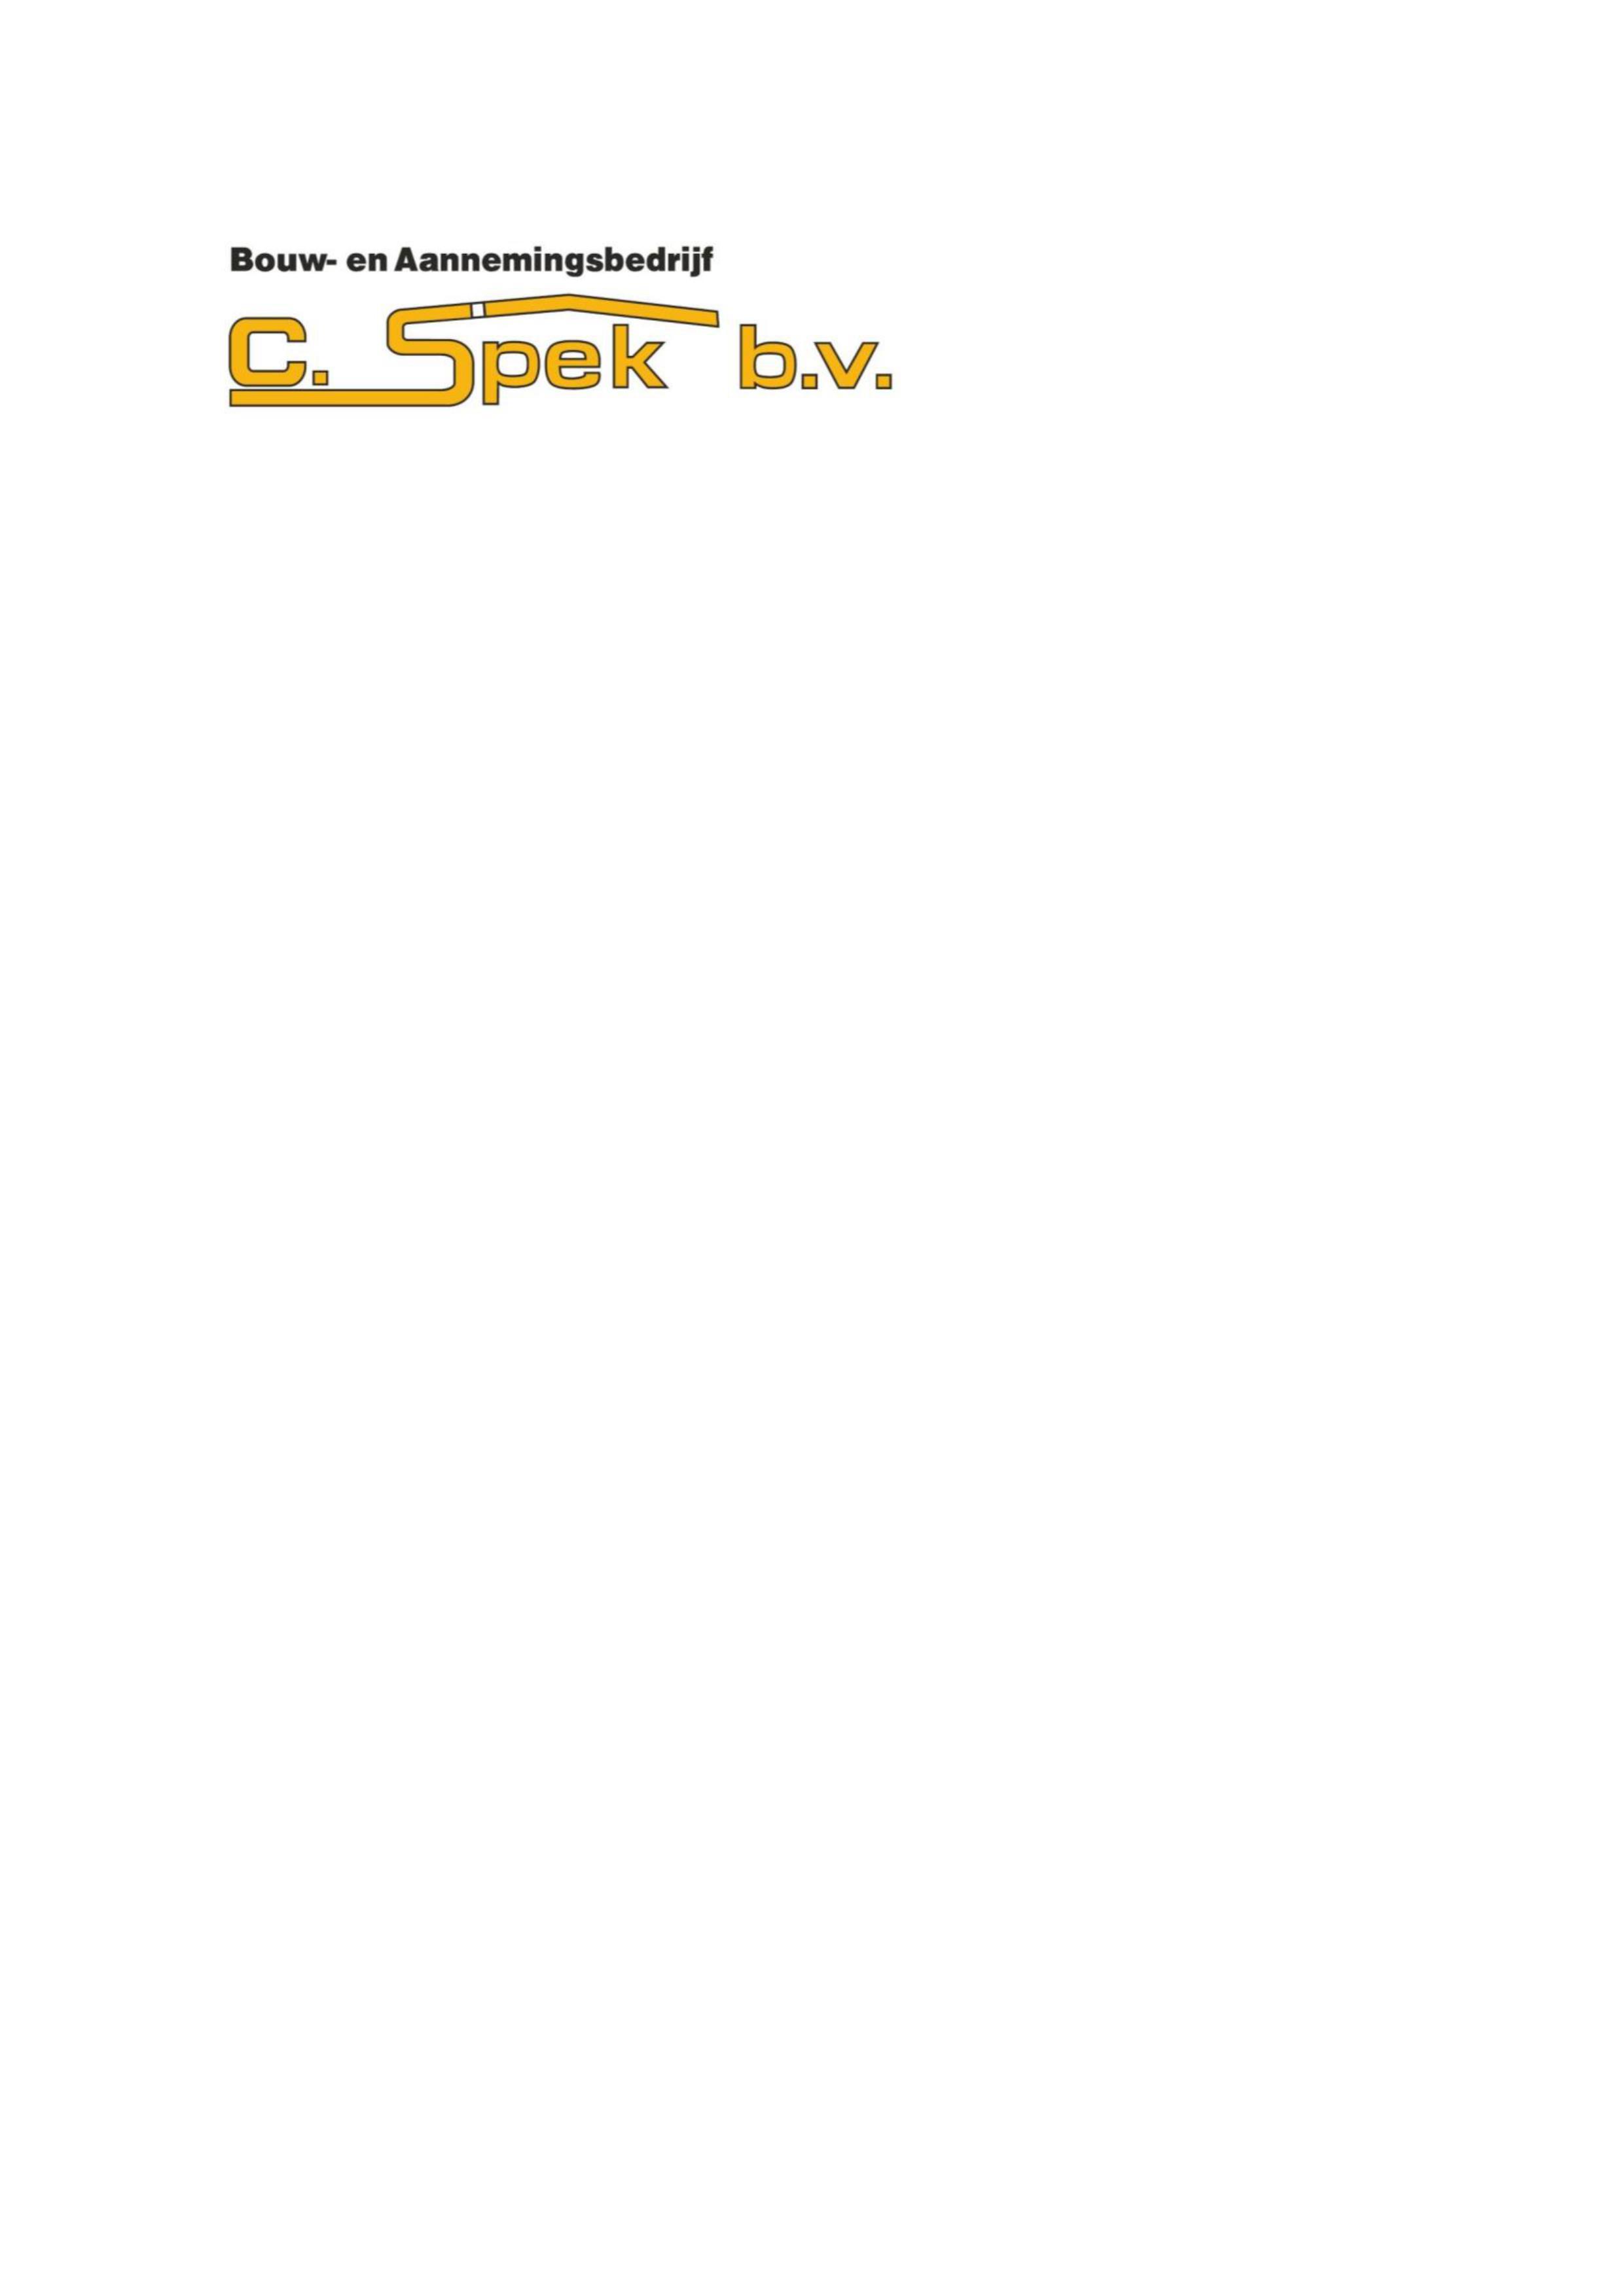 Bouw- en aannemingsbedrijf C. Spek B.V.